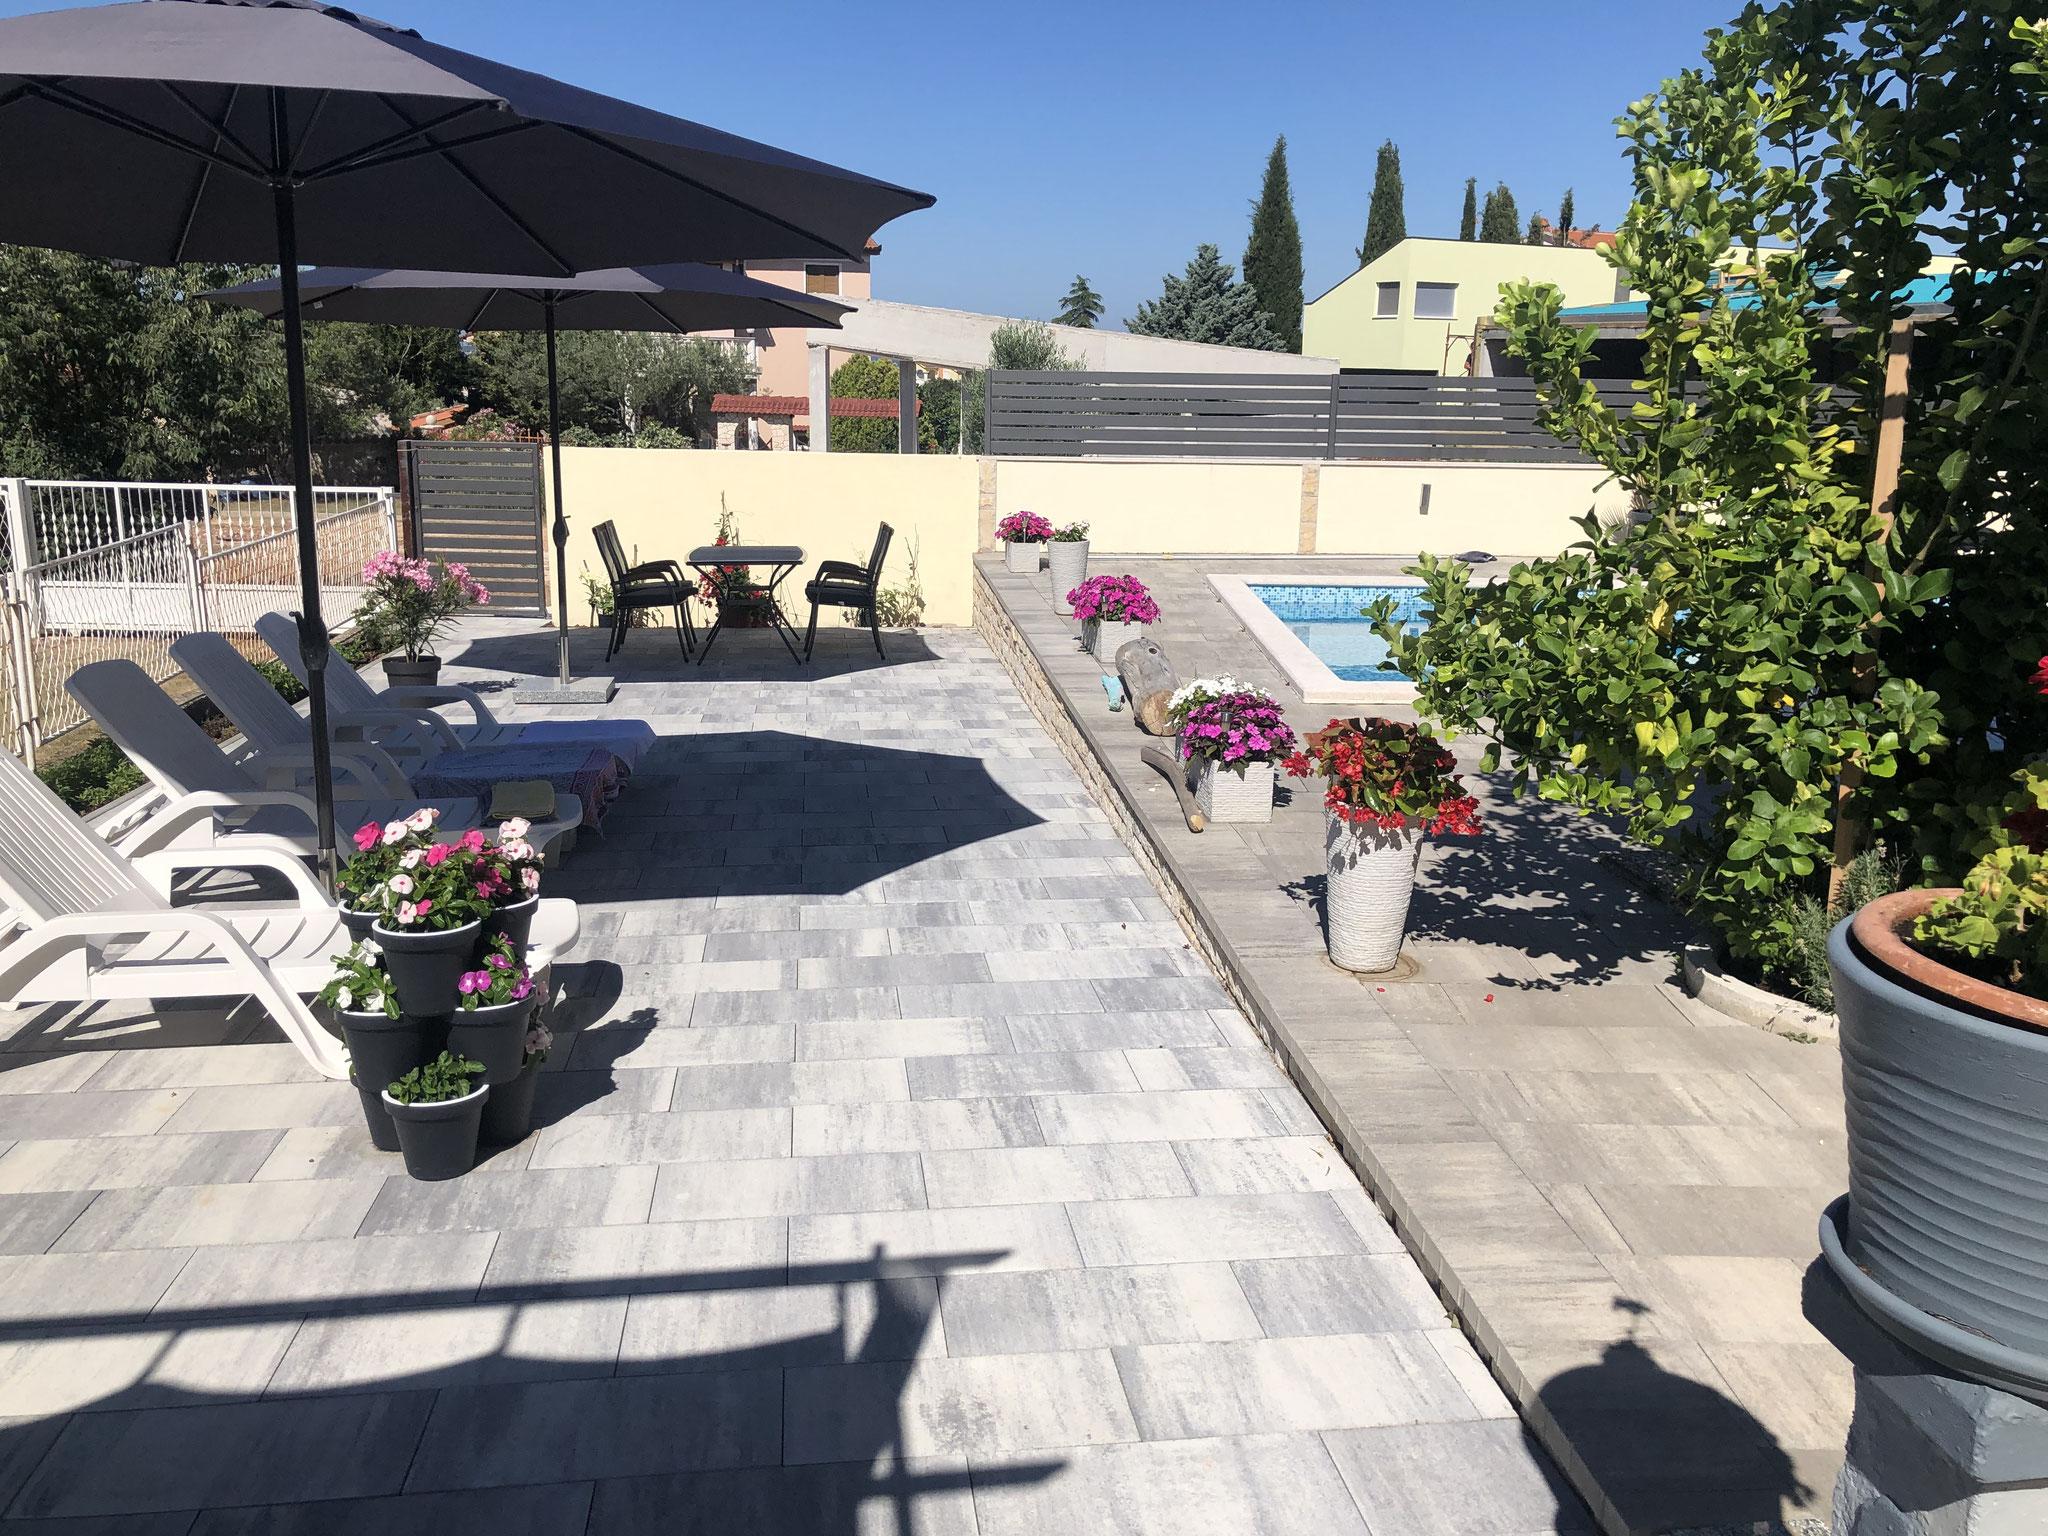 Villa Colonia Poolterrasse 2020